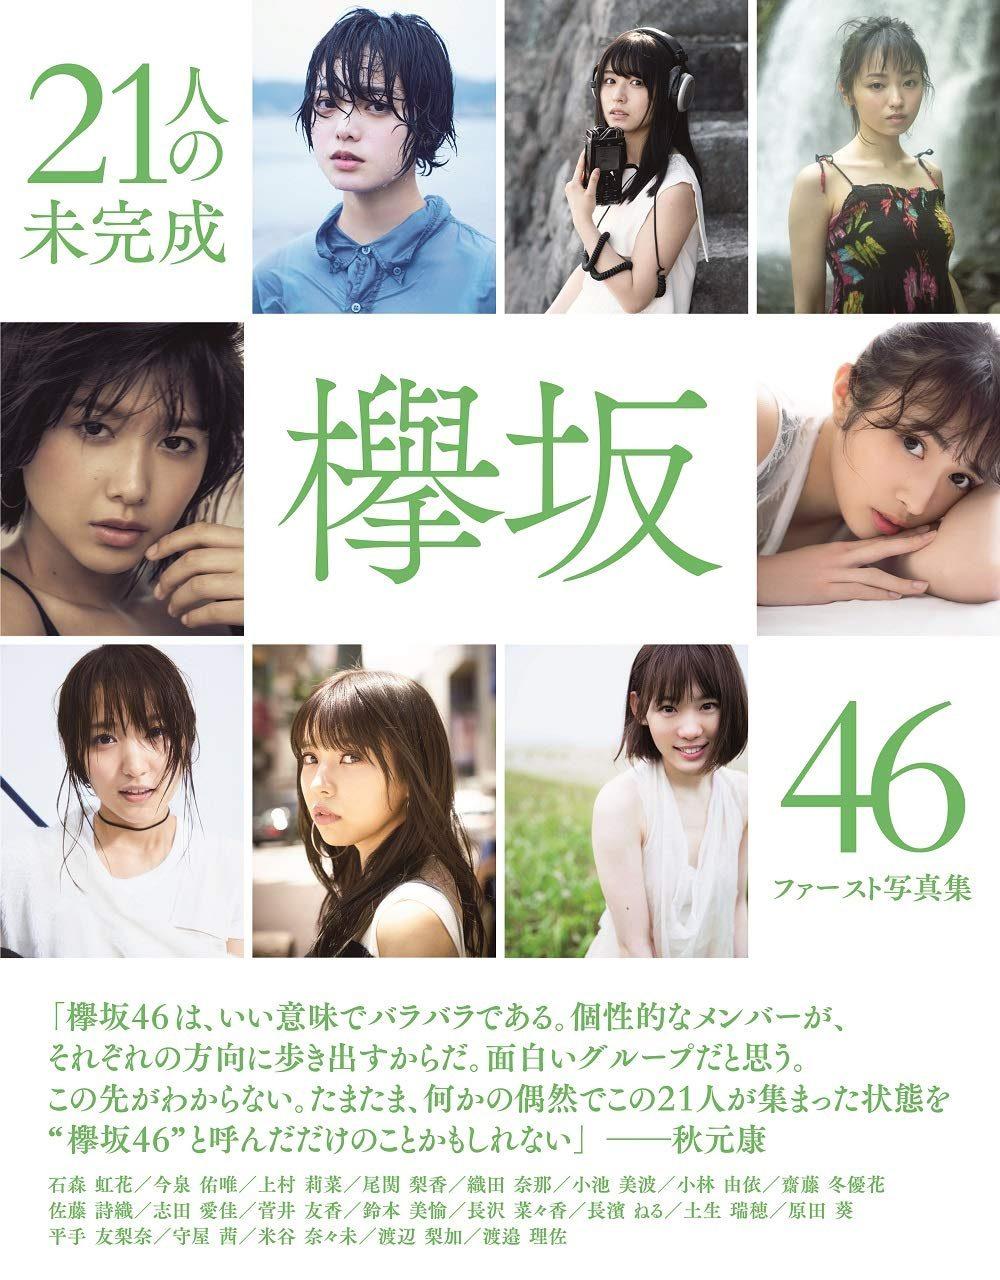 欅坂46 ファースト写真集「21人の未完成」